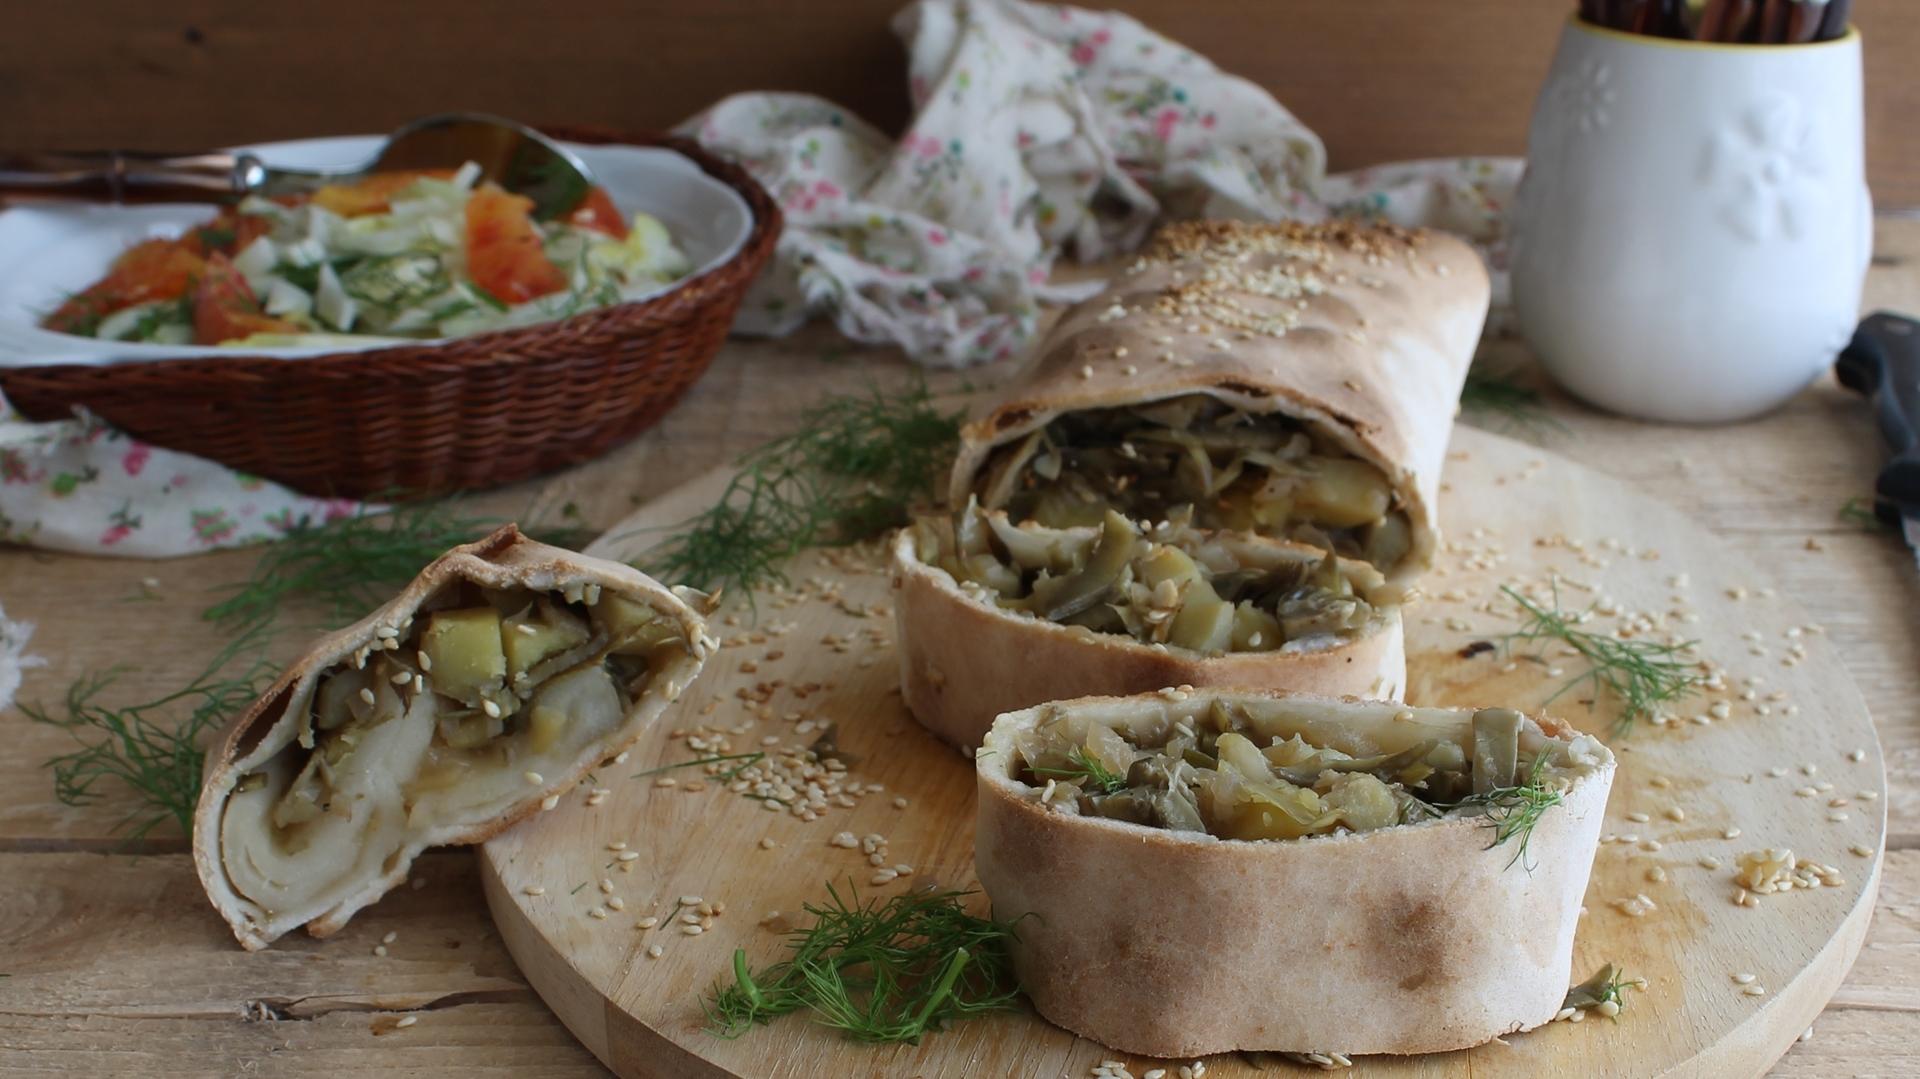 Strudel con carciofi e patate senza glutine - La Cassata Celiaca